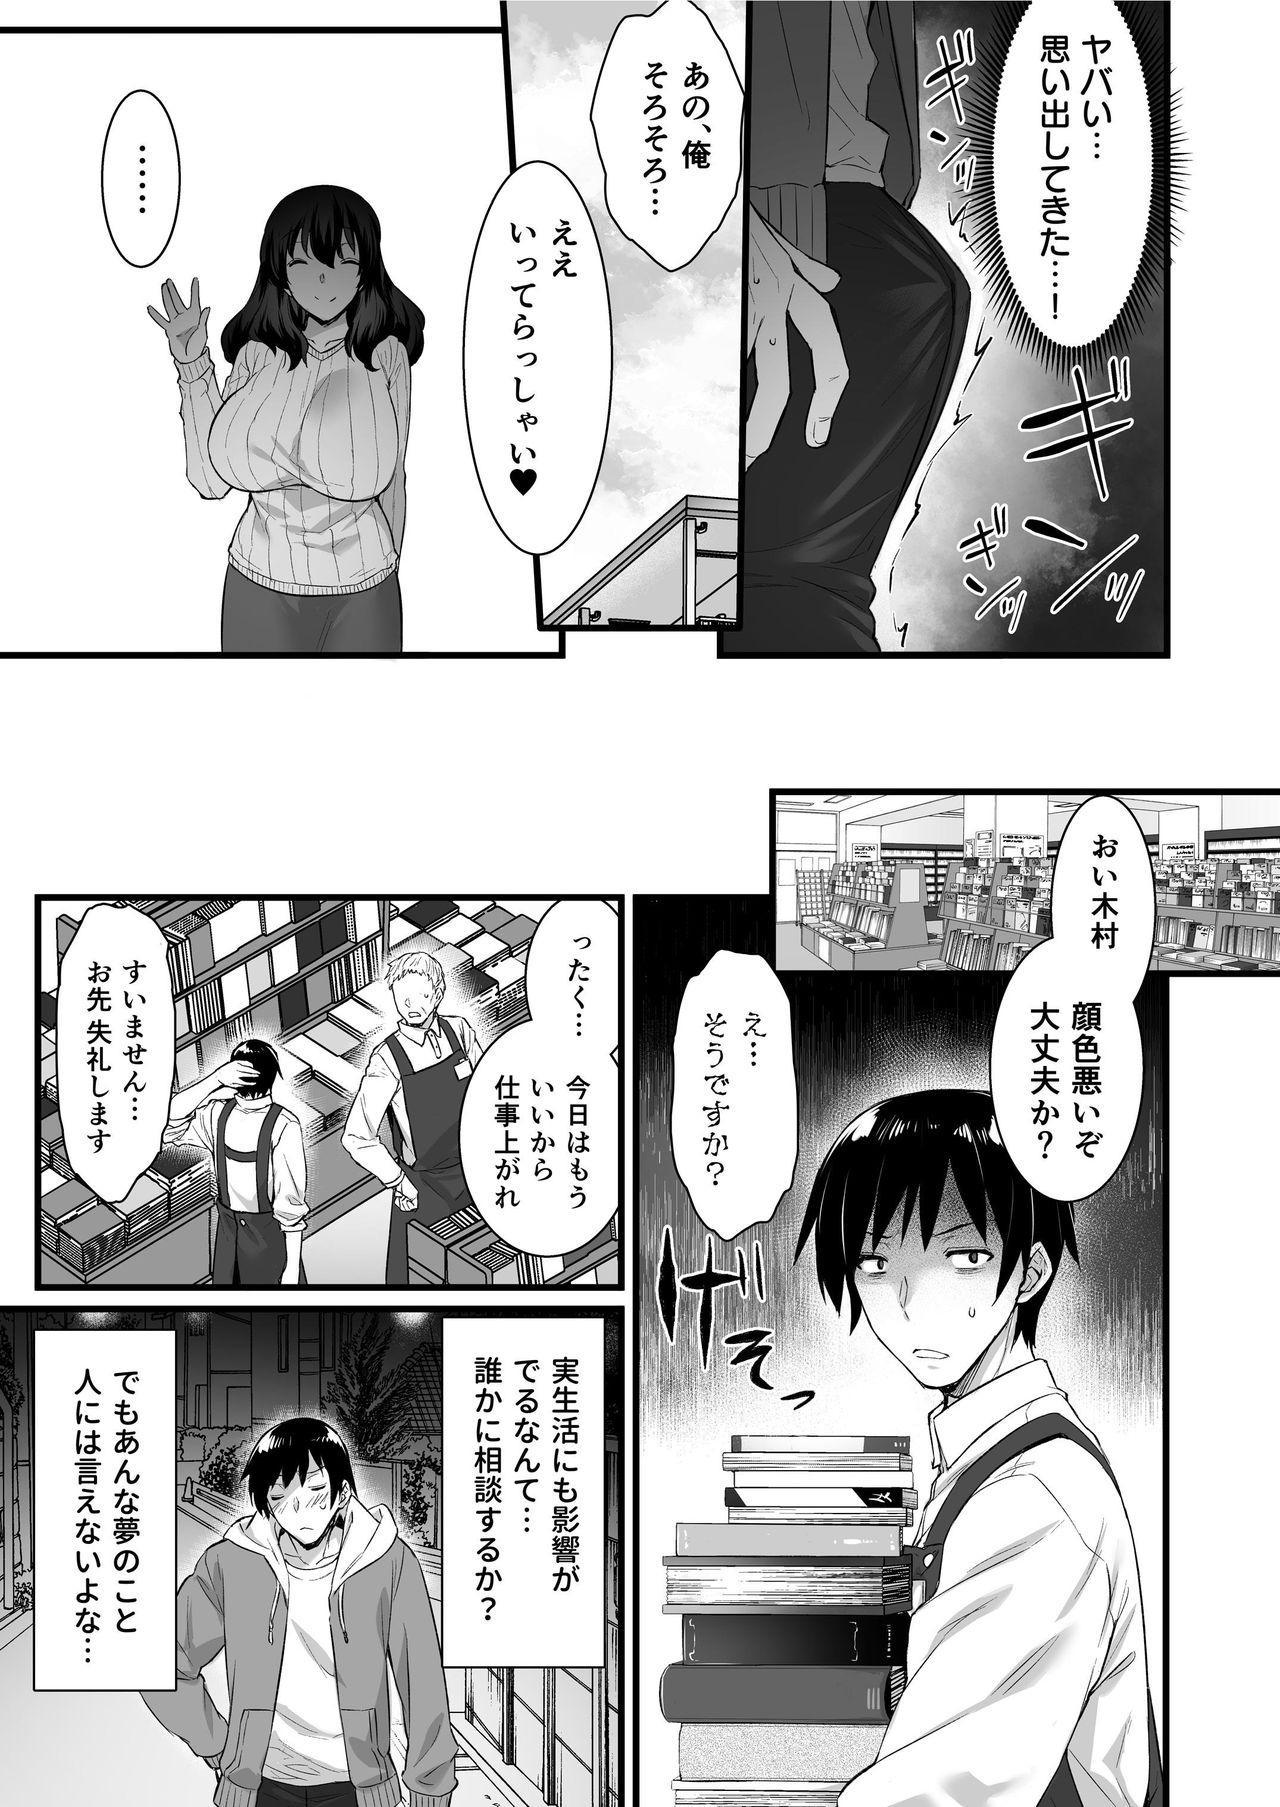 [Himeya (Abe Inori)] Oren-chi no Tonari ni wa Succubus (Hitozuma) -san ga Sunde iru. [Digital] 8